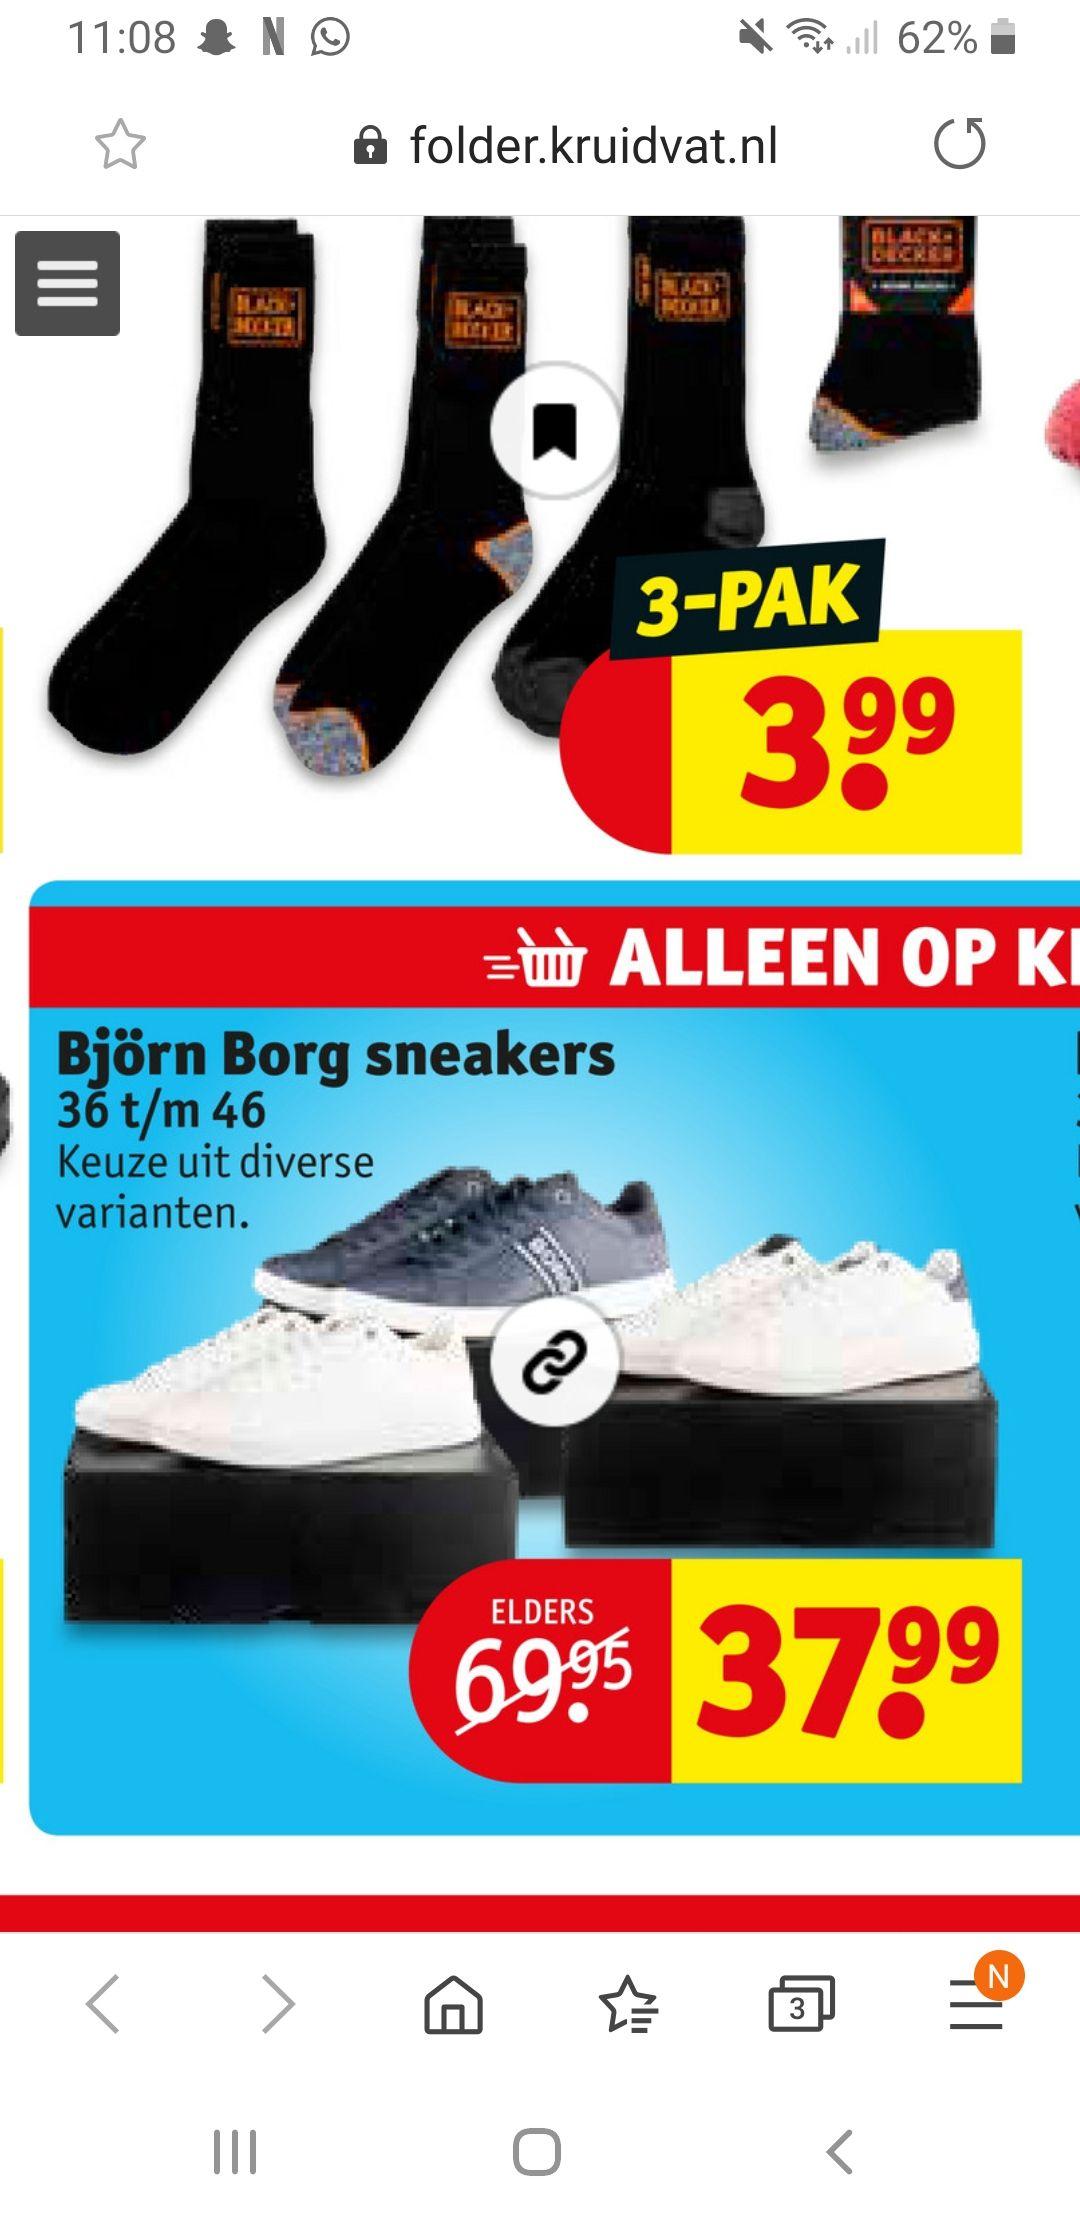 Bjorn borg sneakers voor €37.99